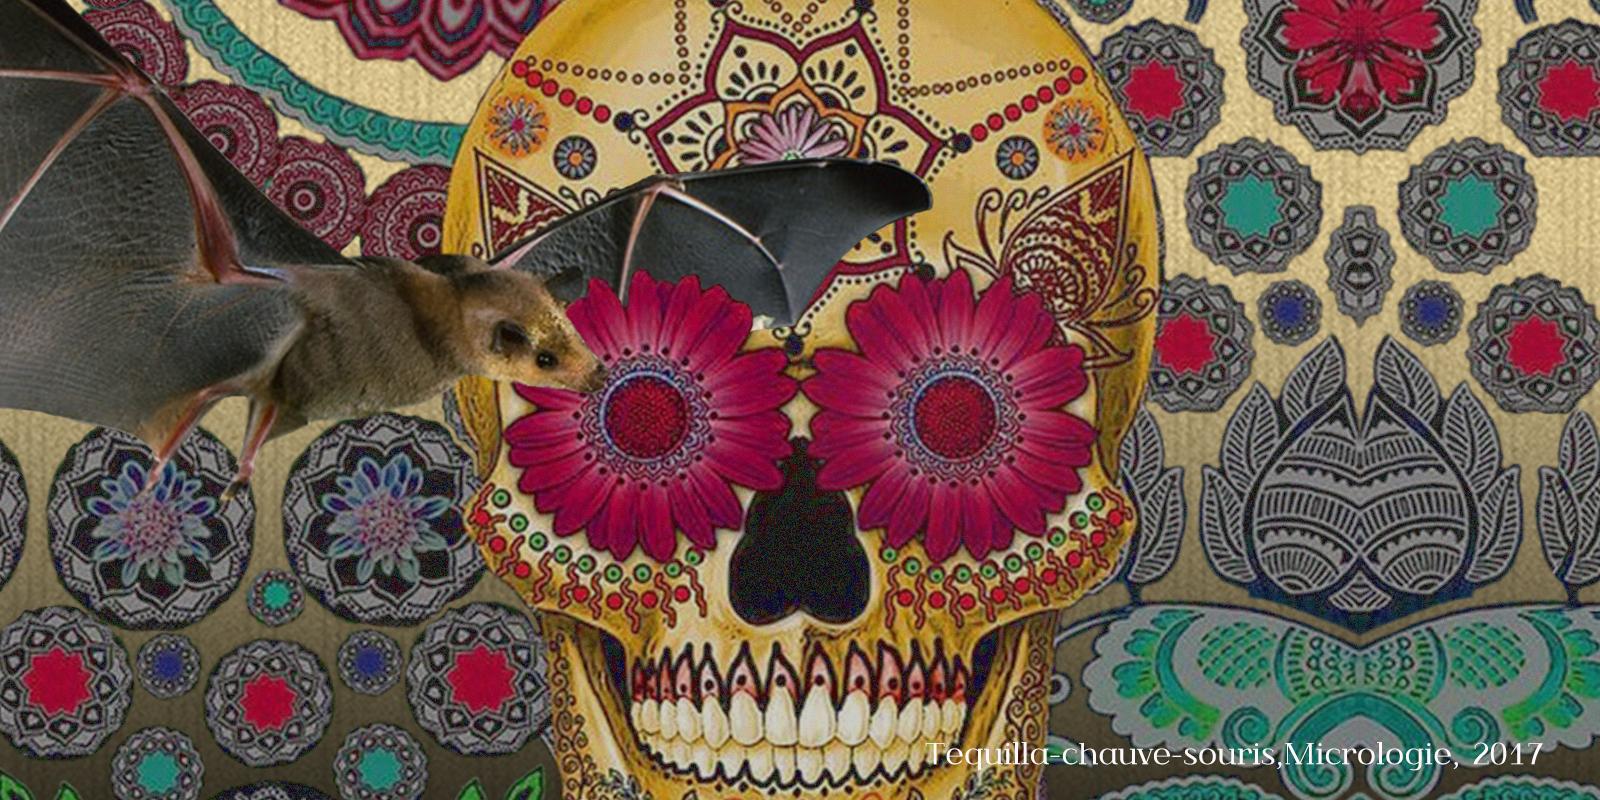 Tequila et chauve-souris, micrologie